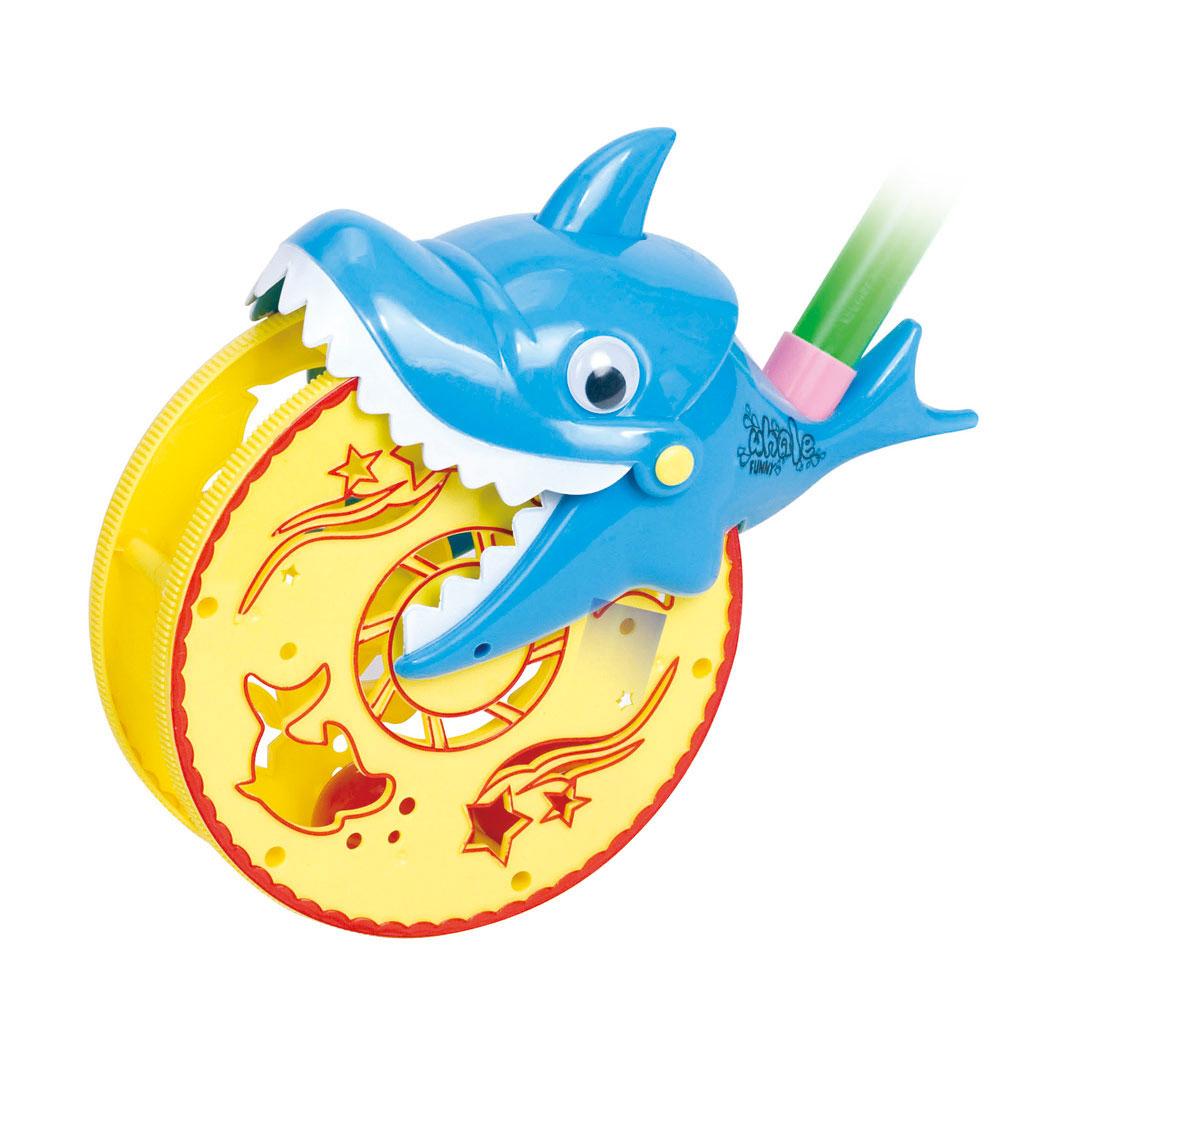 Ami&Co Игрушка-каталка Акула цвет голубой44419_голубойКаталка акула. Ребенок катает игрушку по полу - колесо вращается, задорно гремя (внутри колеса - шарики с гремящими элементами, которые пересыпаются при движении), акула щелкает зубами. Палка (сборная) вставляется в игрушку. Детская складная каталка предназначена для малышей, которые уже начали ходить самостоятельно. Яркие, забавные образы принесут радость и веселье во время игр. Гремящие, звенящие элементы развлекут вашего малыша. Модель поможет развить координацию движения, тактильные навыки и мелкую моторику рук ребенка, а издаваемые ею звуки активно стимулируют его слух.